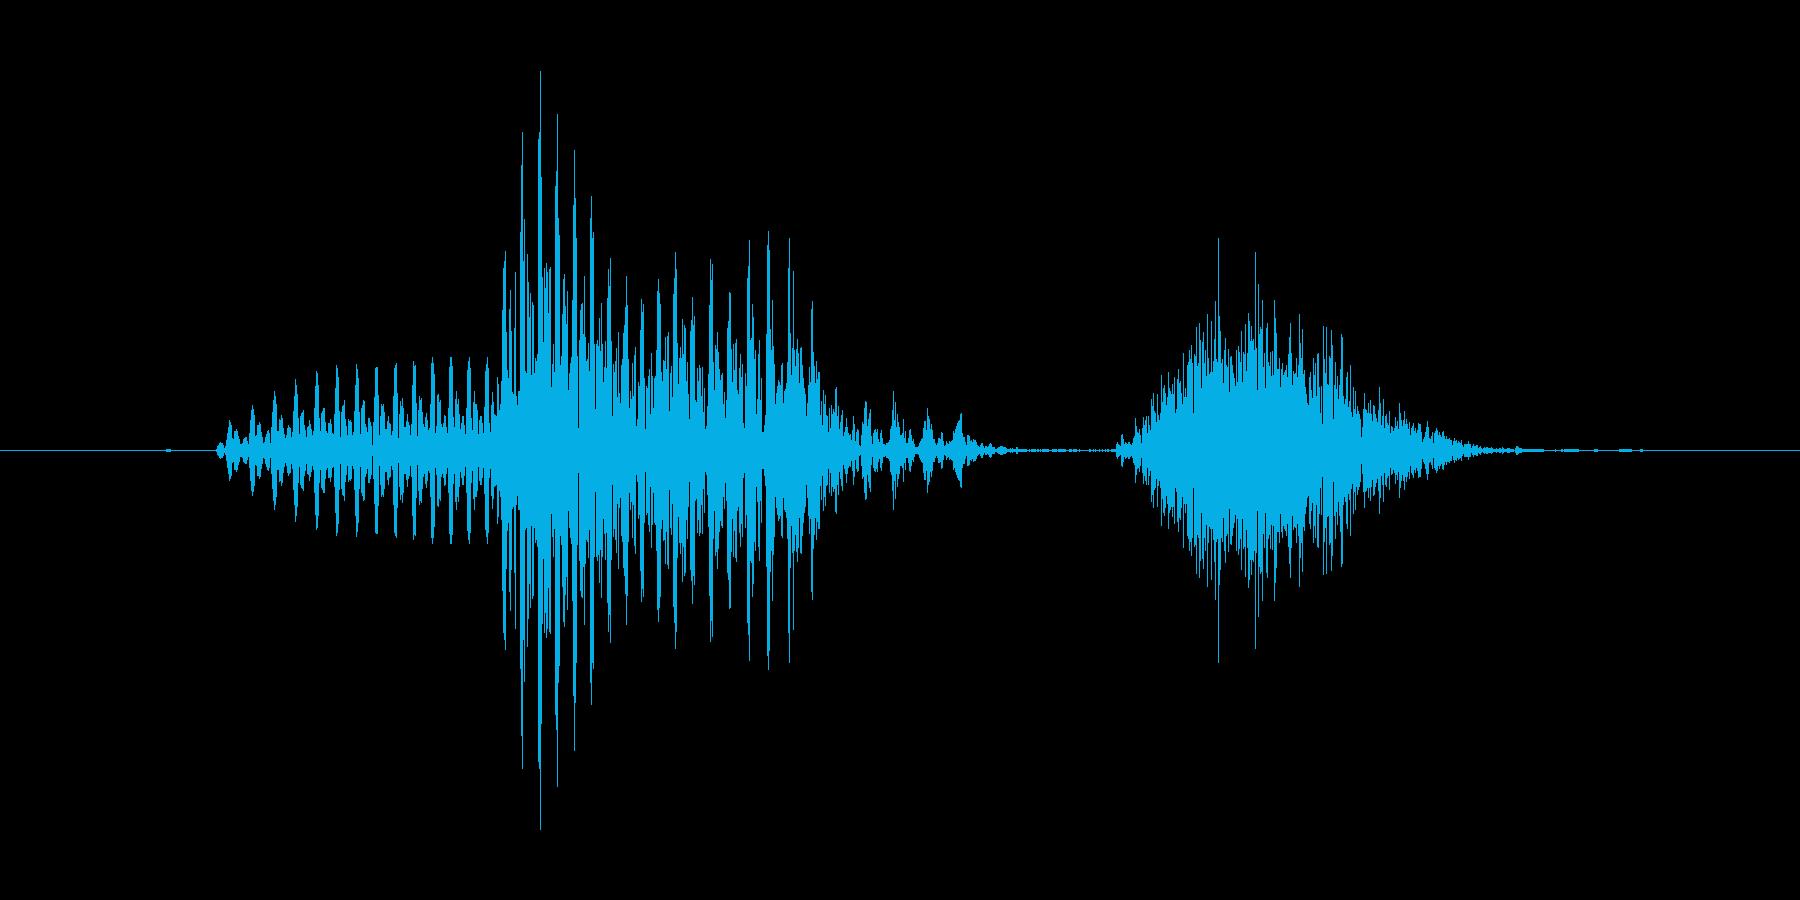 「March」英語発音の再生済みの波形